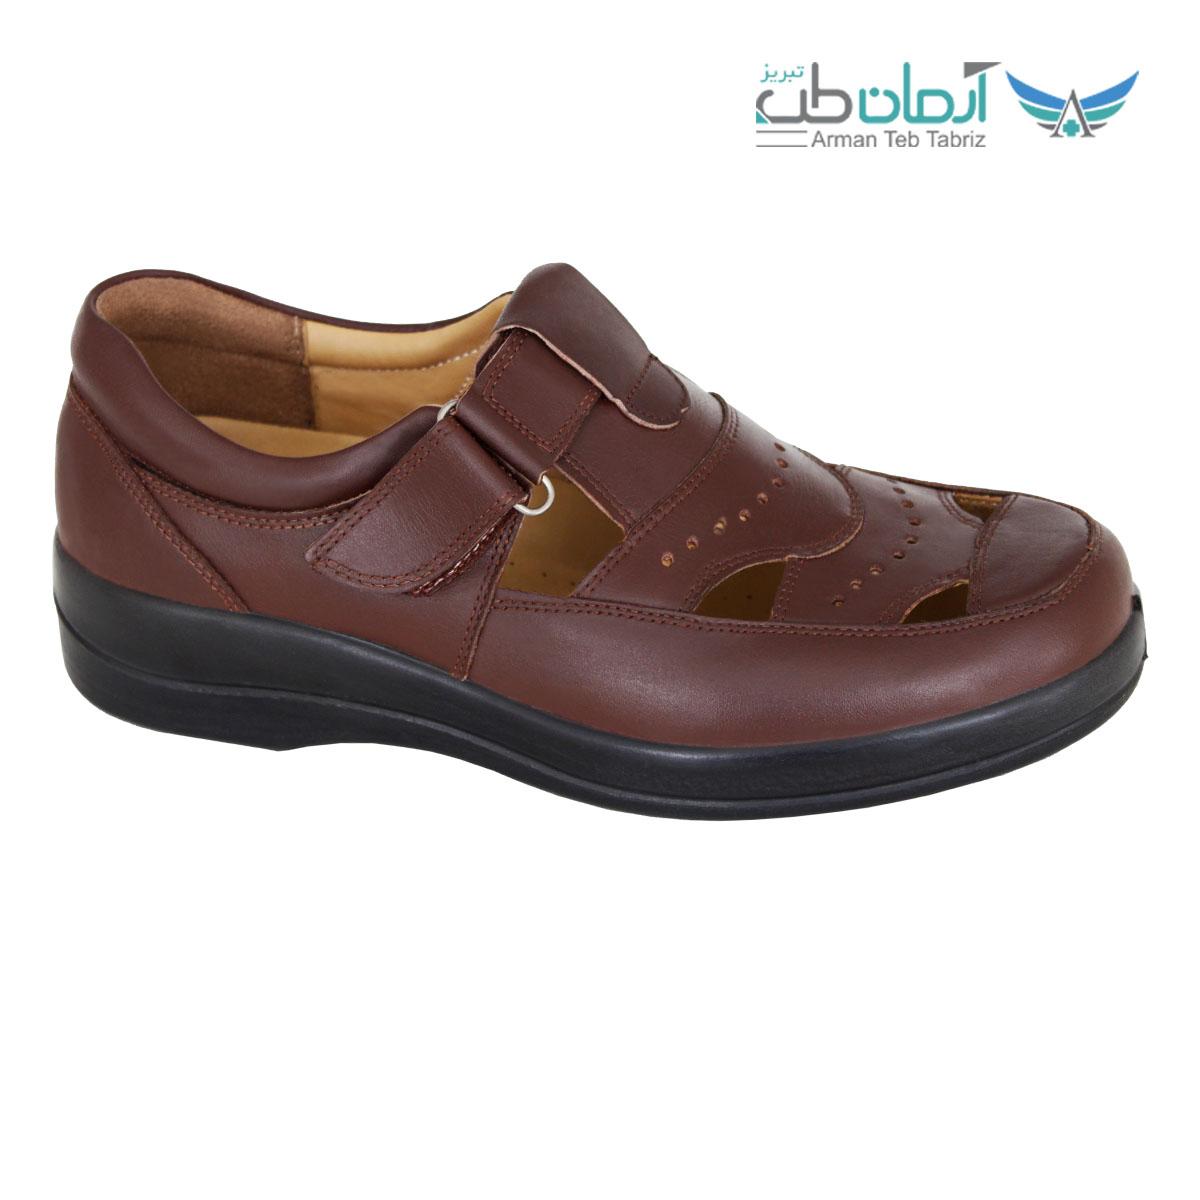 کفش مردانه سهیل تابستانی